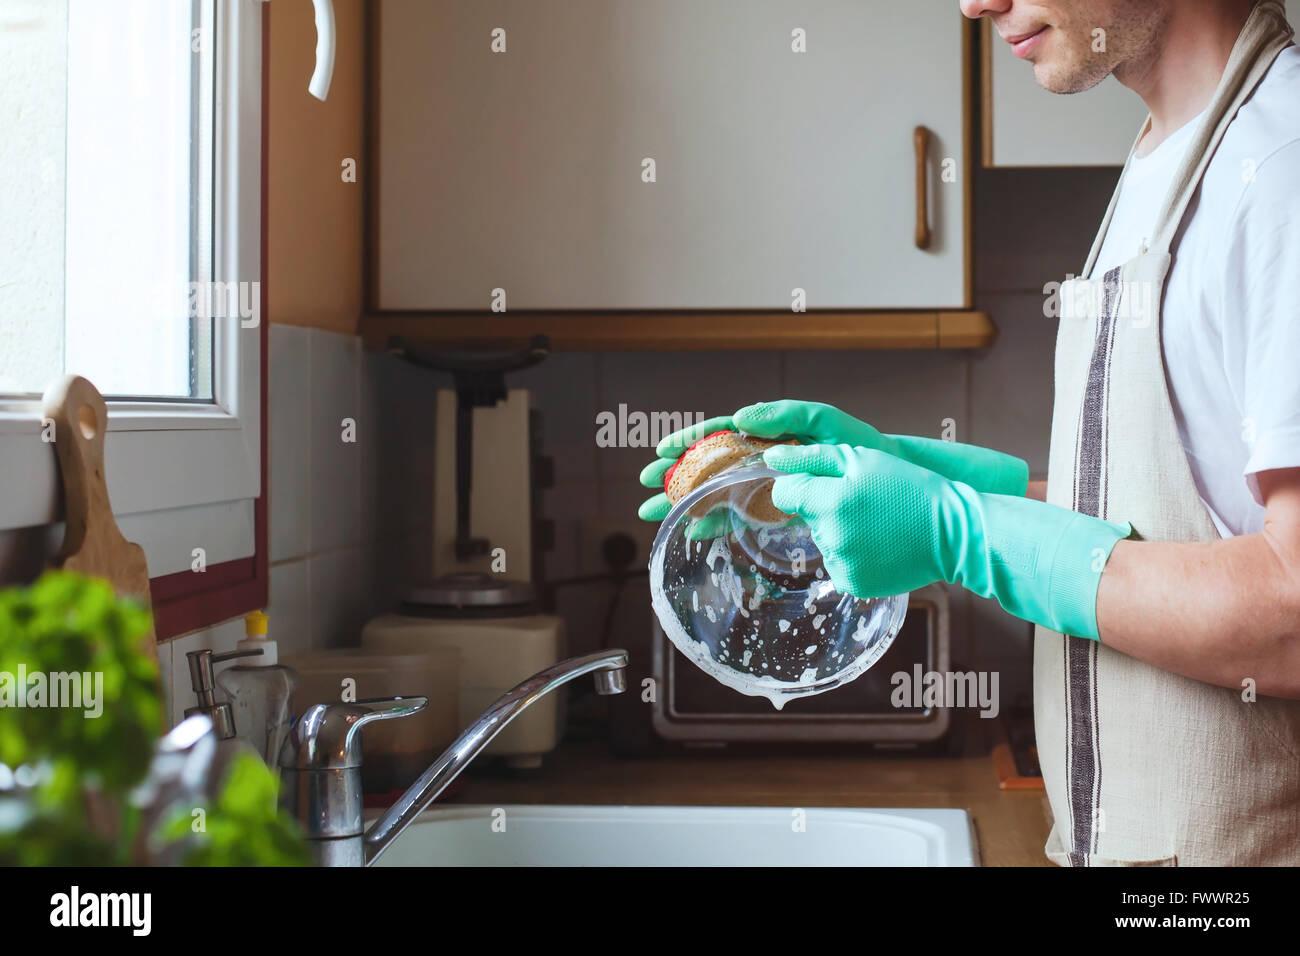 L'uomo lavaggio piatti nel lavello da cucina a casa, close up delle mani con spugna e sapone, lavori di casa Immagini Stock